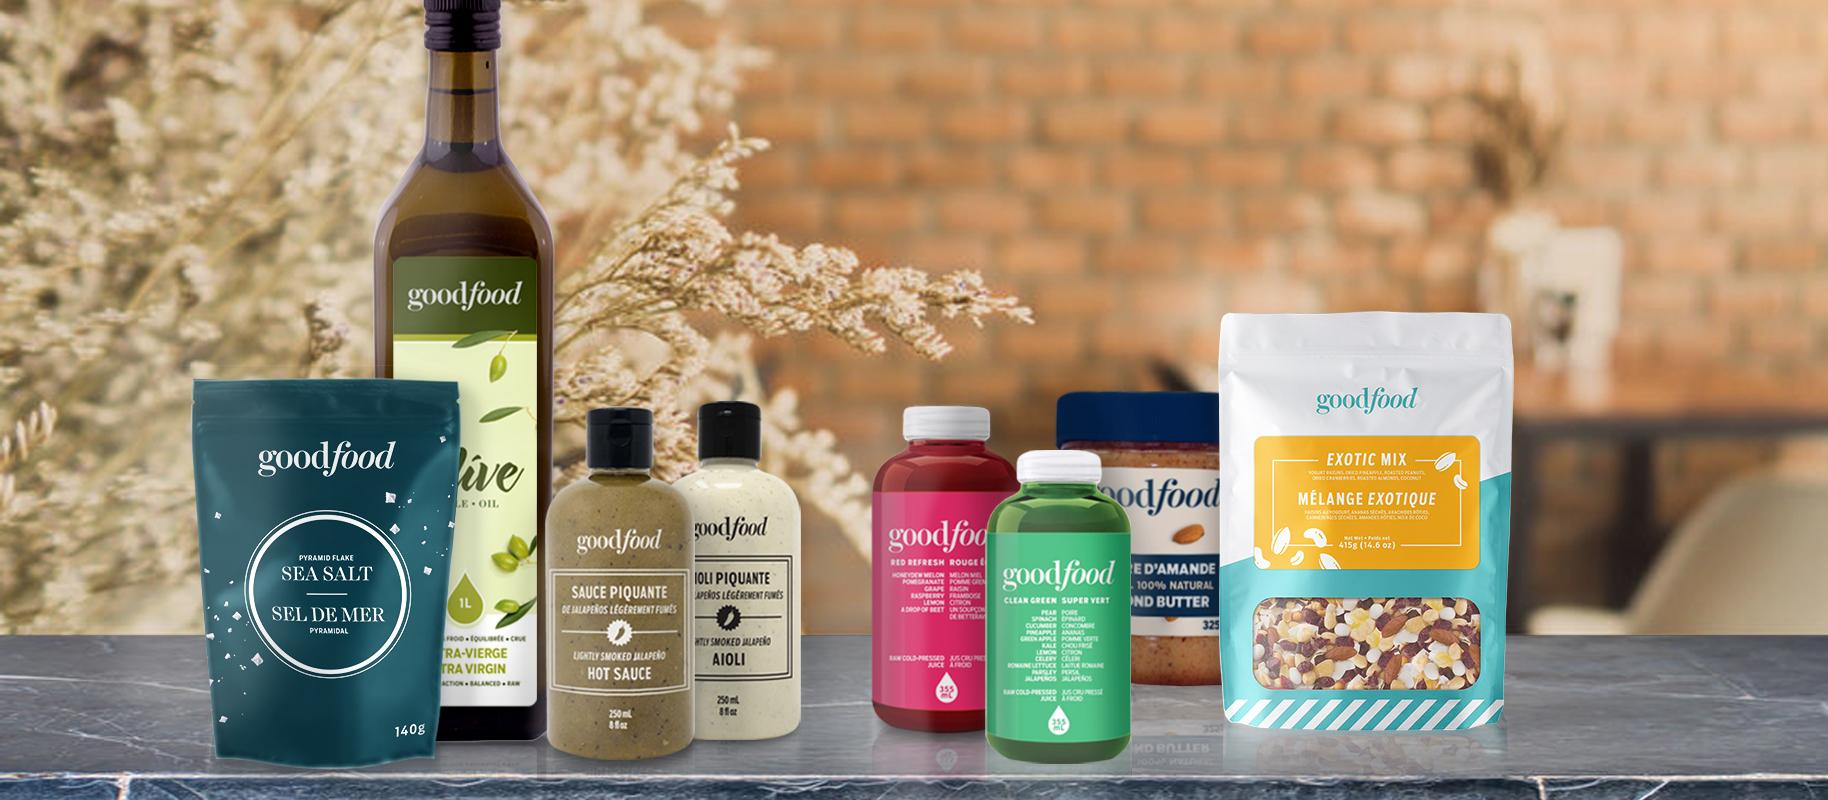 5 articles d'épicerie essentiels pour un garde-manger parfaitement approvisionné